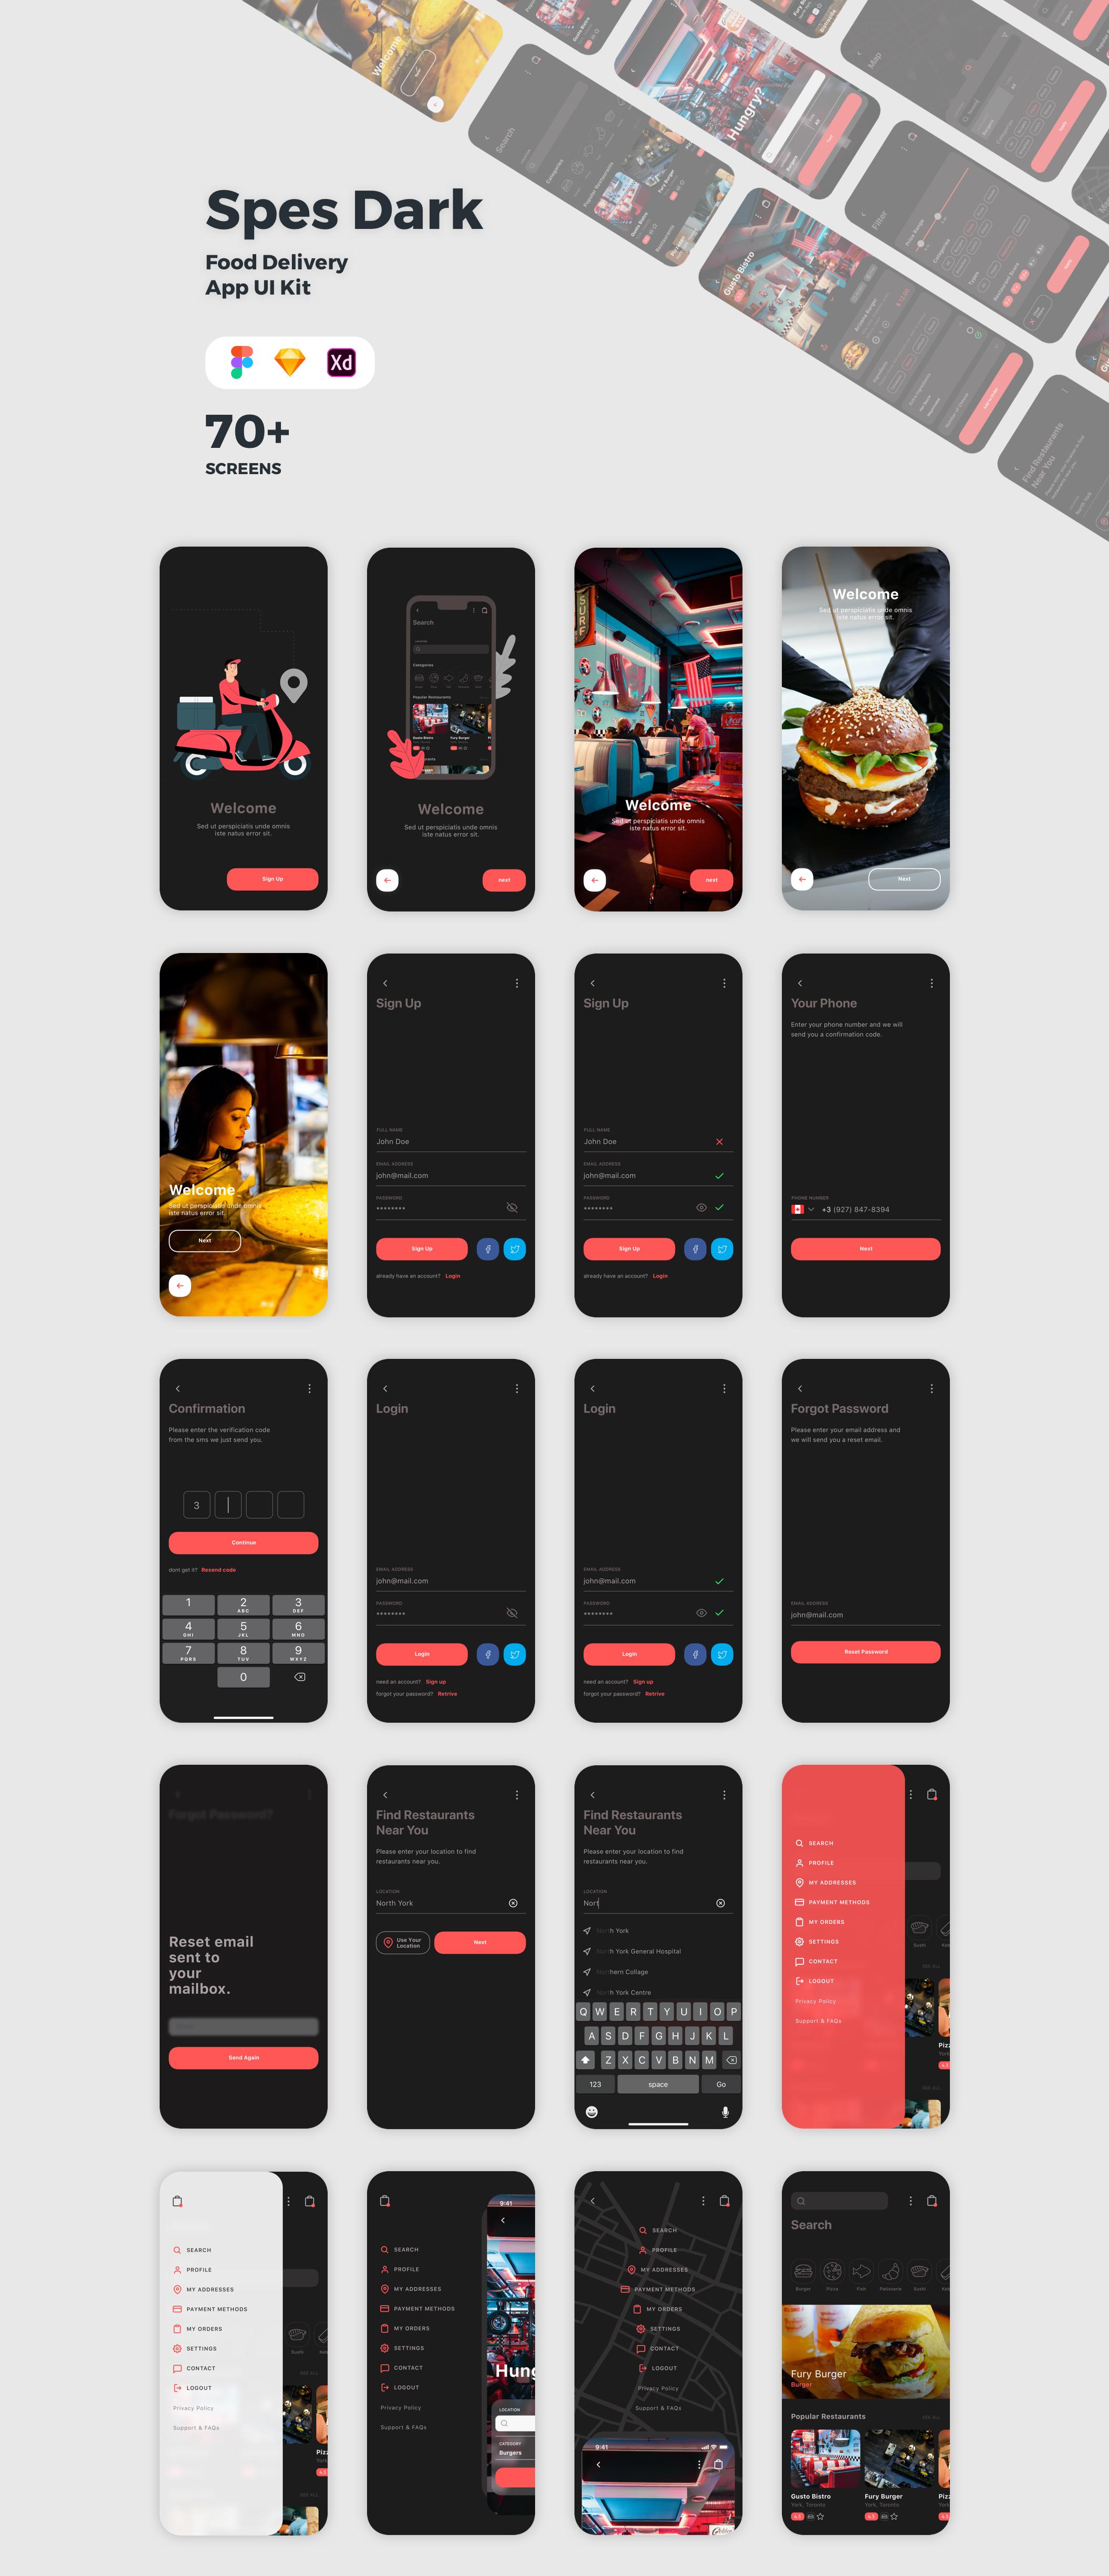 食品外卖配送服务移动应用APP界面设计UI套件 Spes Dark Food Delivery App UI Kit插图(10)